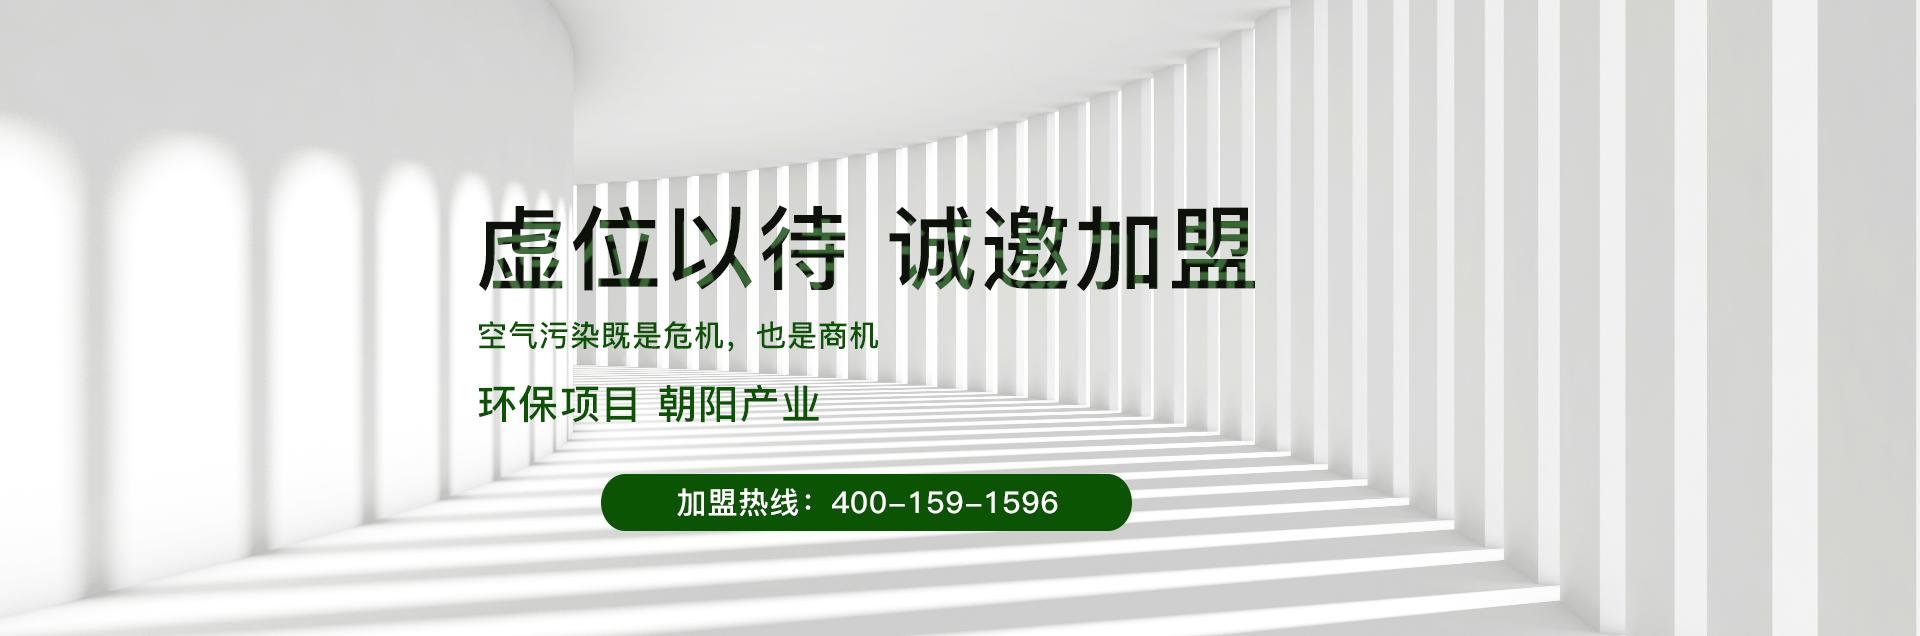 火狐直播app官方下载环保02